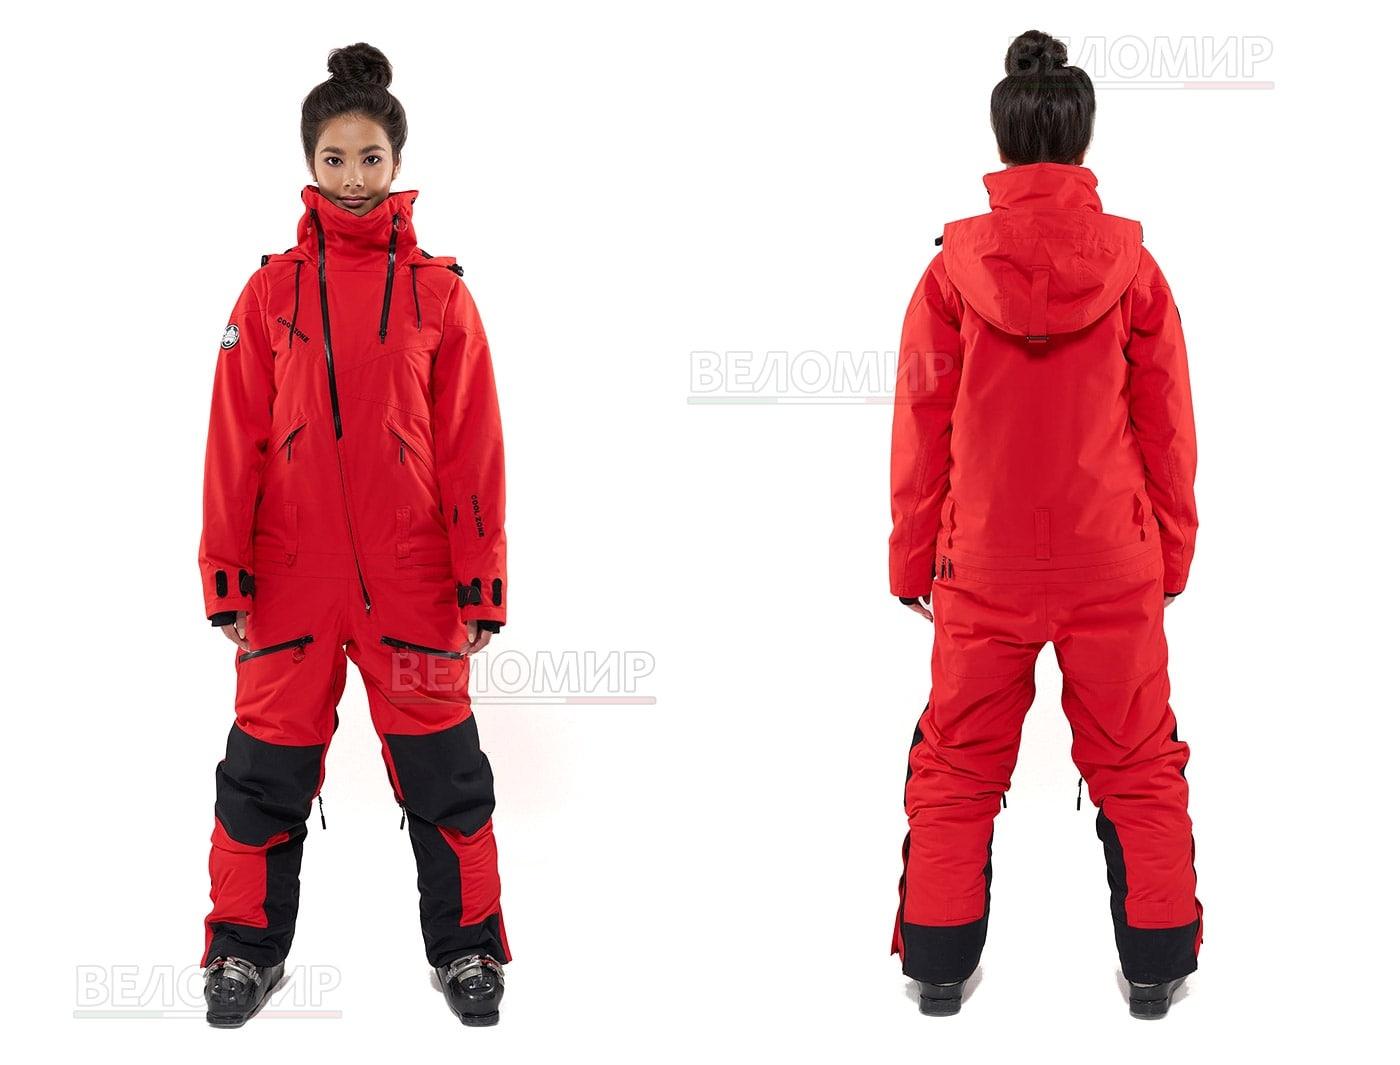 Комбинезон Cool Zone KITE KN1108/04 Красный (2020)